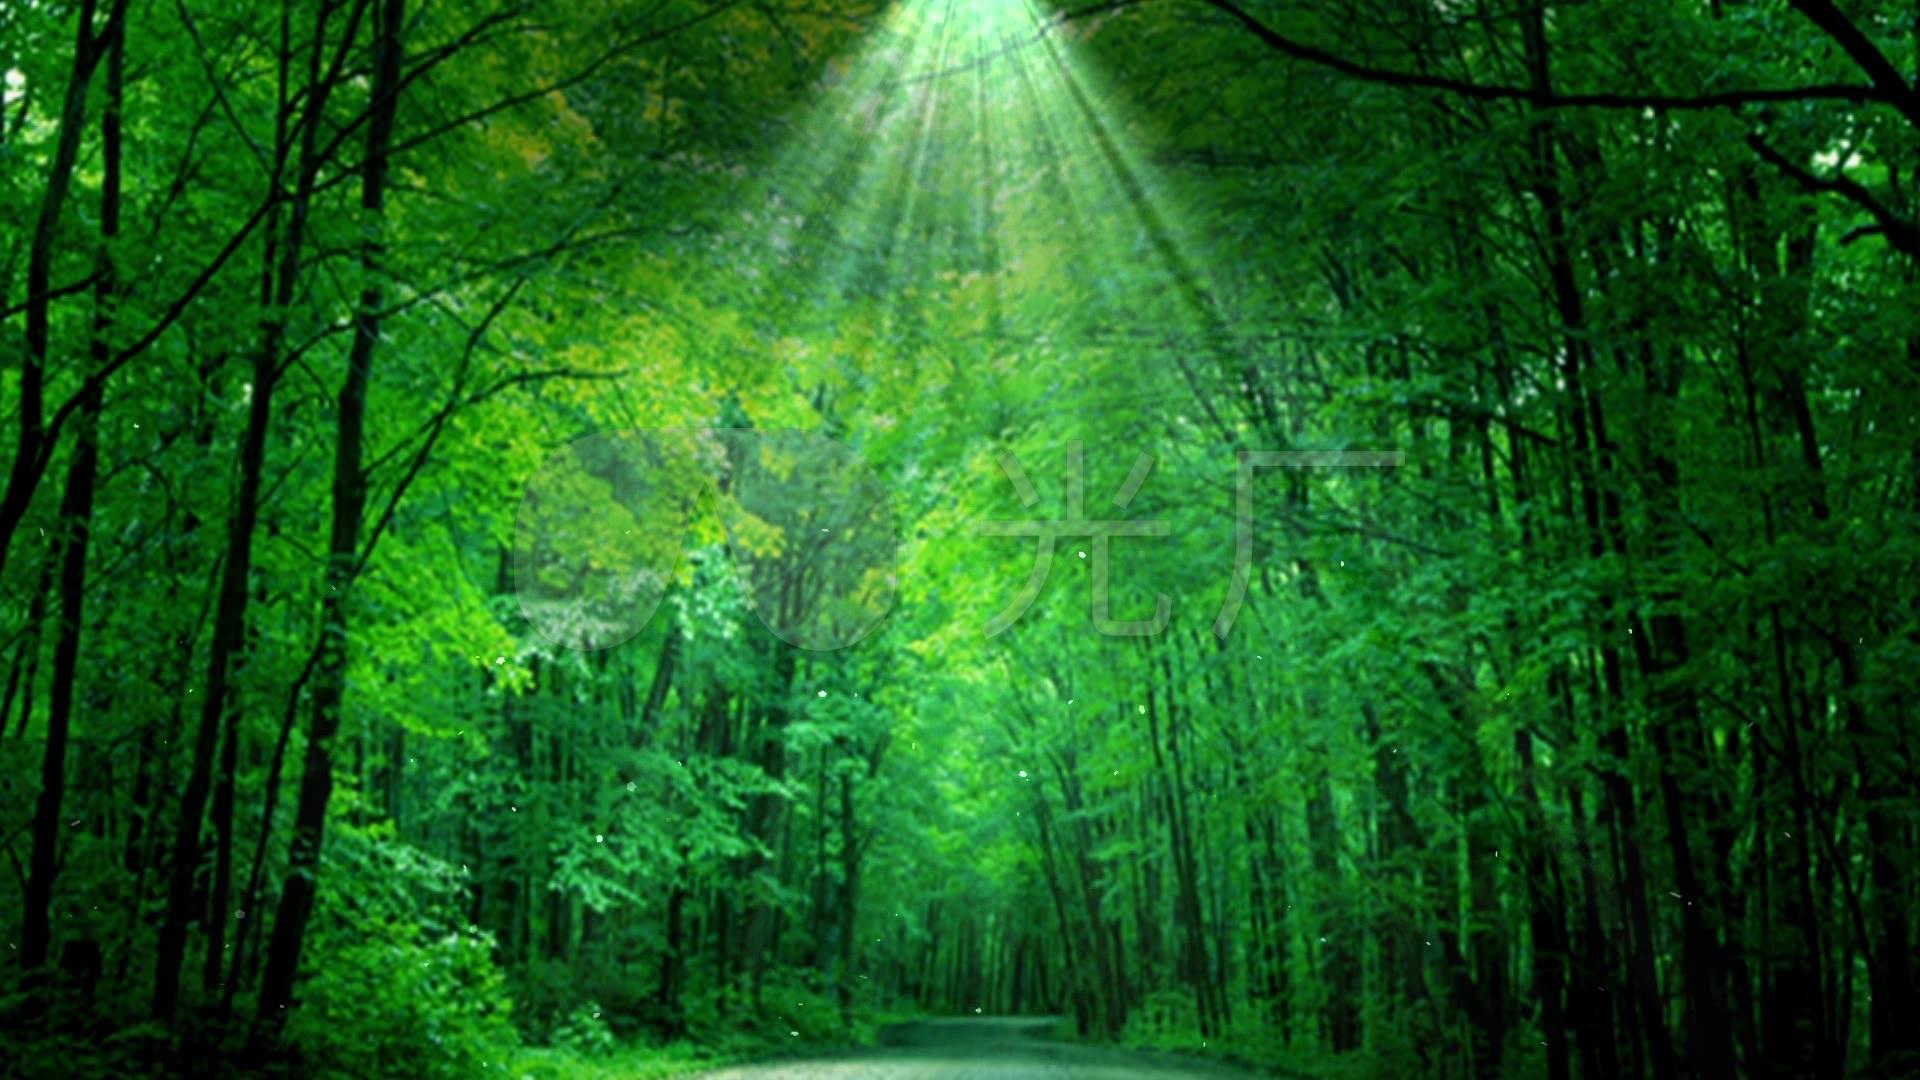 绿色森林大屏幕素材_1920x1080_高清视频素材下载(:)图片